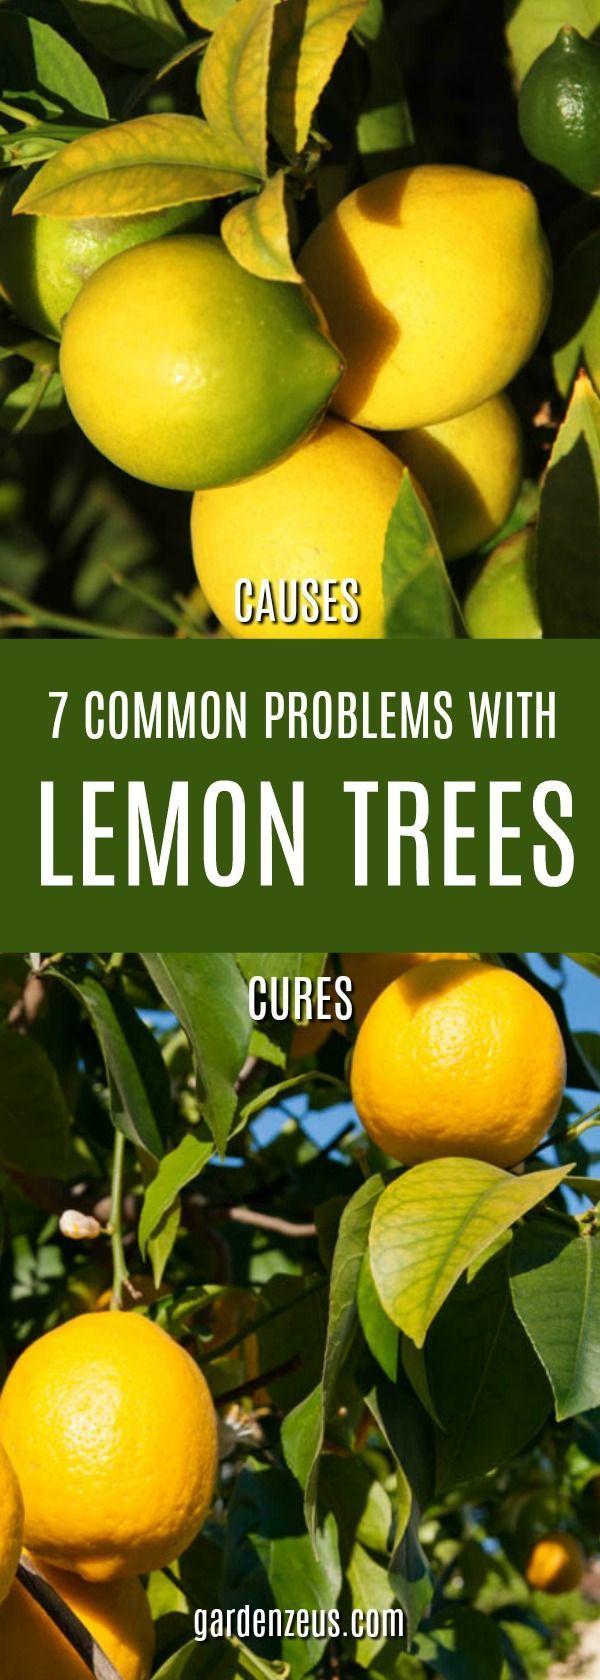 Lemon Trees 7 Common Problems Growing Lemon Trees Lemon Tree Potted Lemon Tree